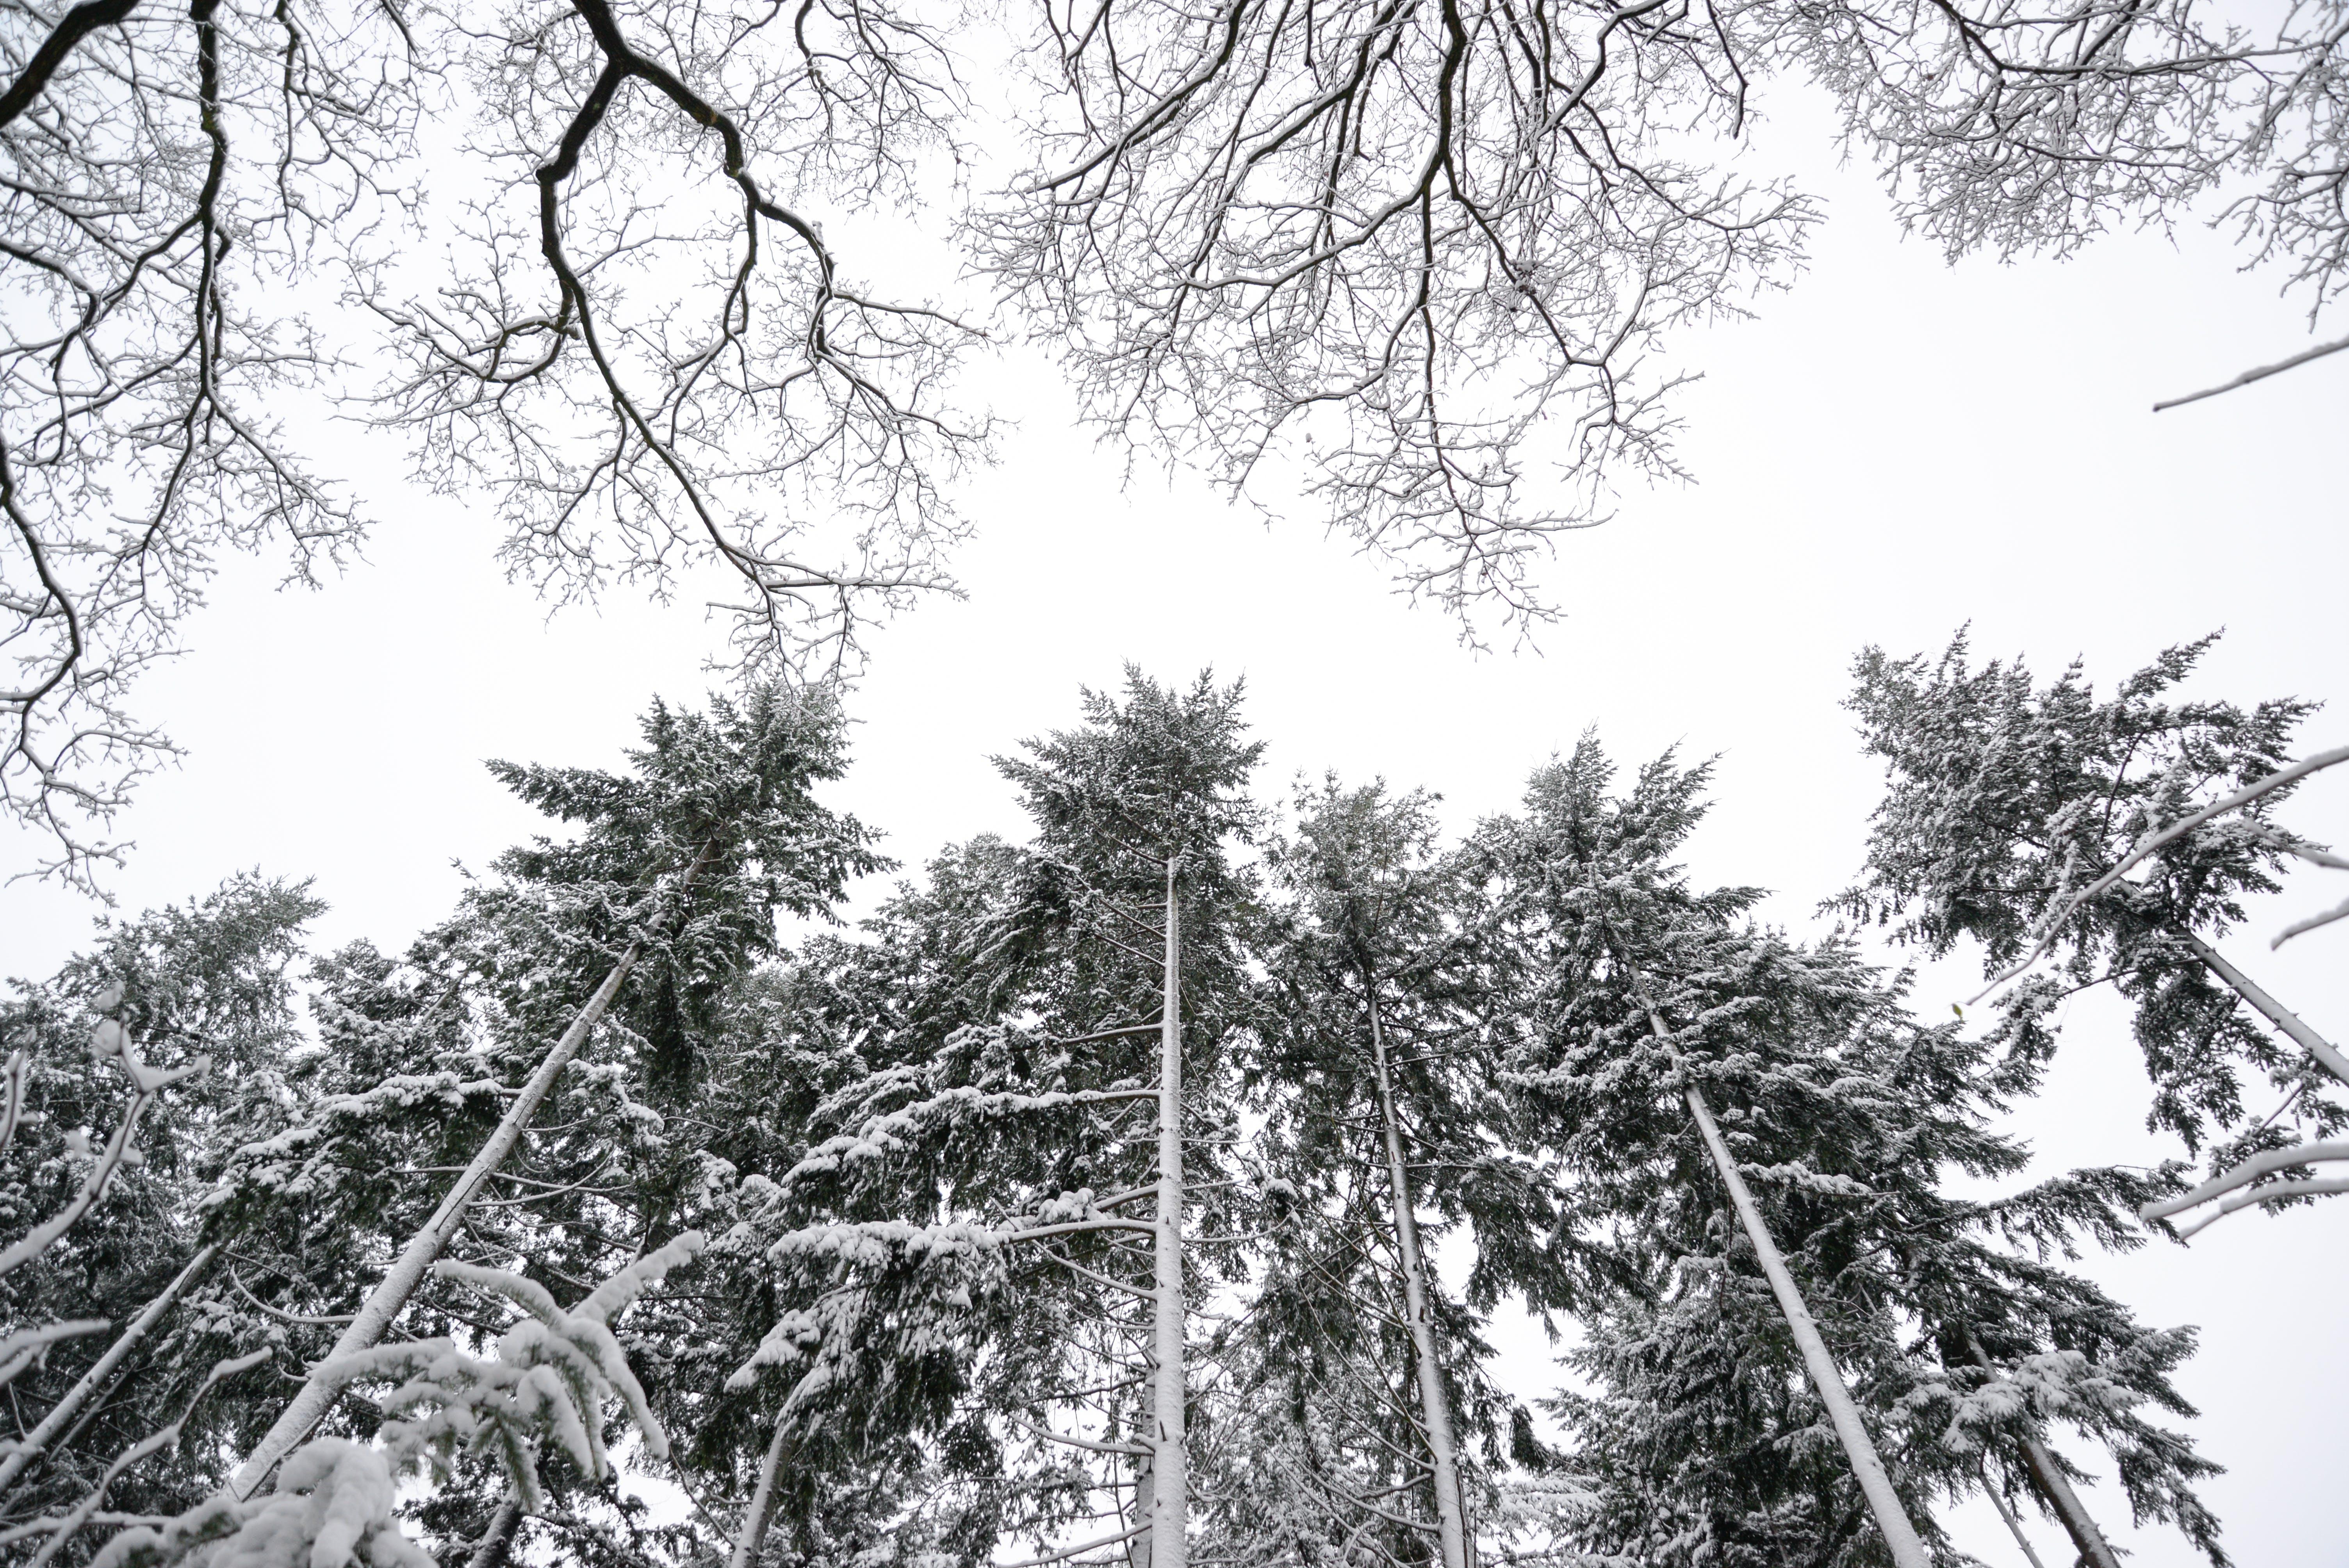 Immagine gratuita di alberi, ambiente, bianco, boschi